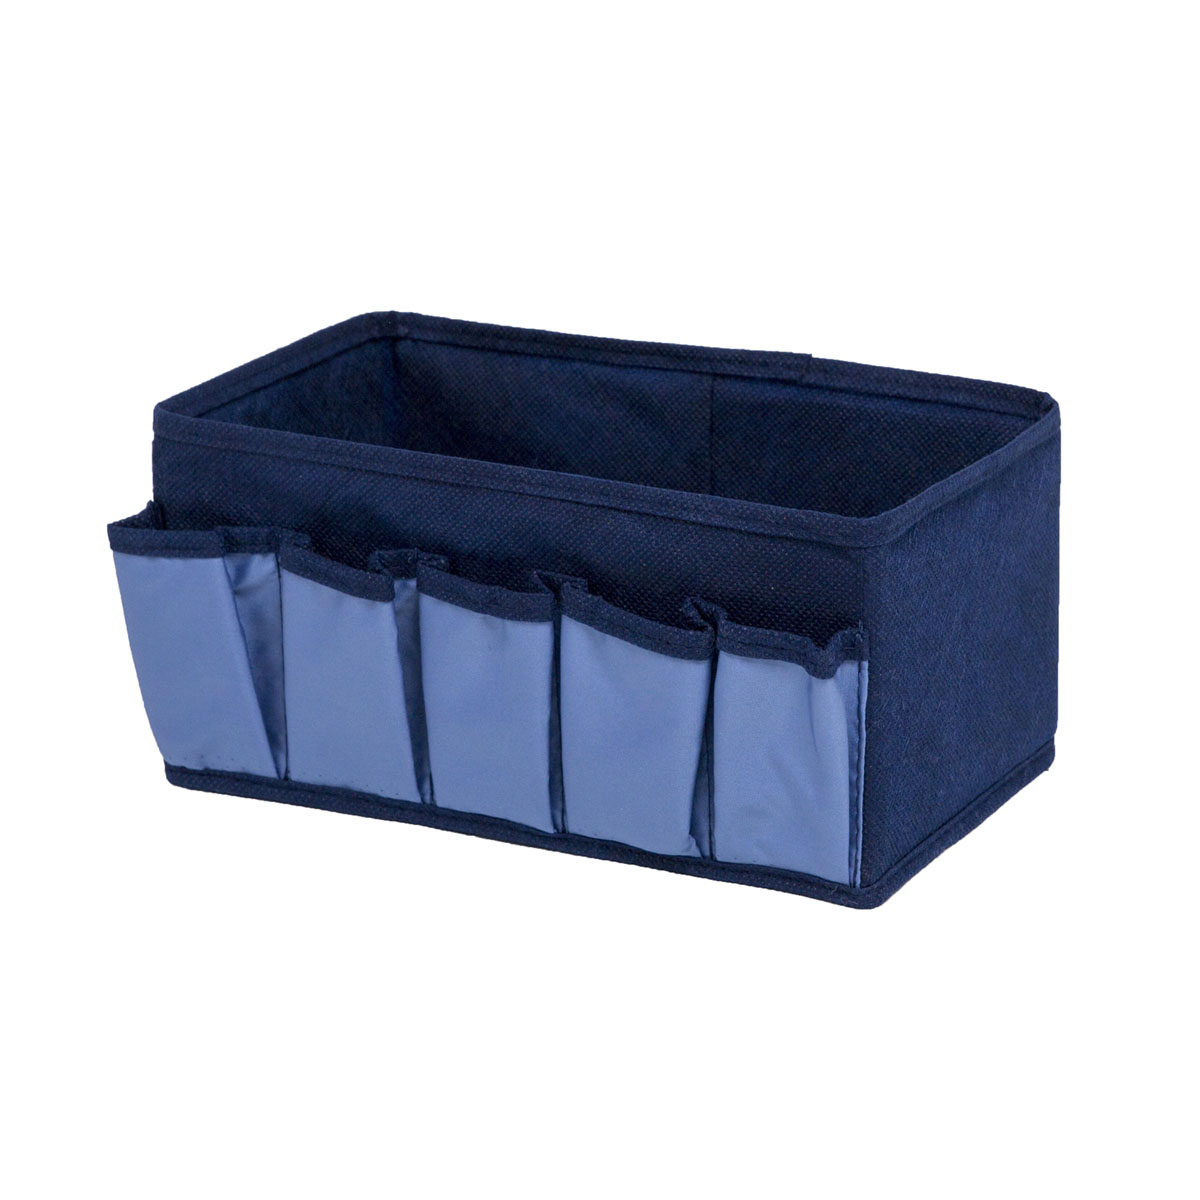 Органайзер для хранения косметики и мелочей Homsu Bluе Sky, 25 х 15 х 12 смTD 0033Органайзер Homsu Bluе Sky выполнен из полиэстера и предназначена для хранения вещей. Изделие защитит вещи от повреждений, пыли, влаги и загрязнений во время хранения и транспортировки. Органайзер идеально подходит для хранения детских вещей и игрушек. Жесткий каркас из плотного толстого картона обеспечивает устойчивость конструкции. Размер: 25 х 15 х 12 см.